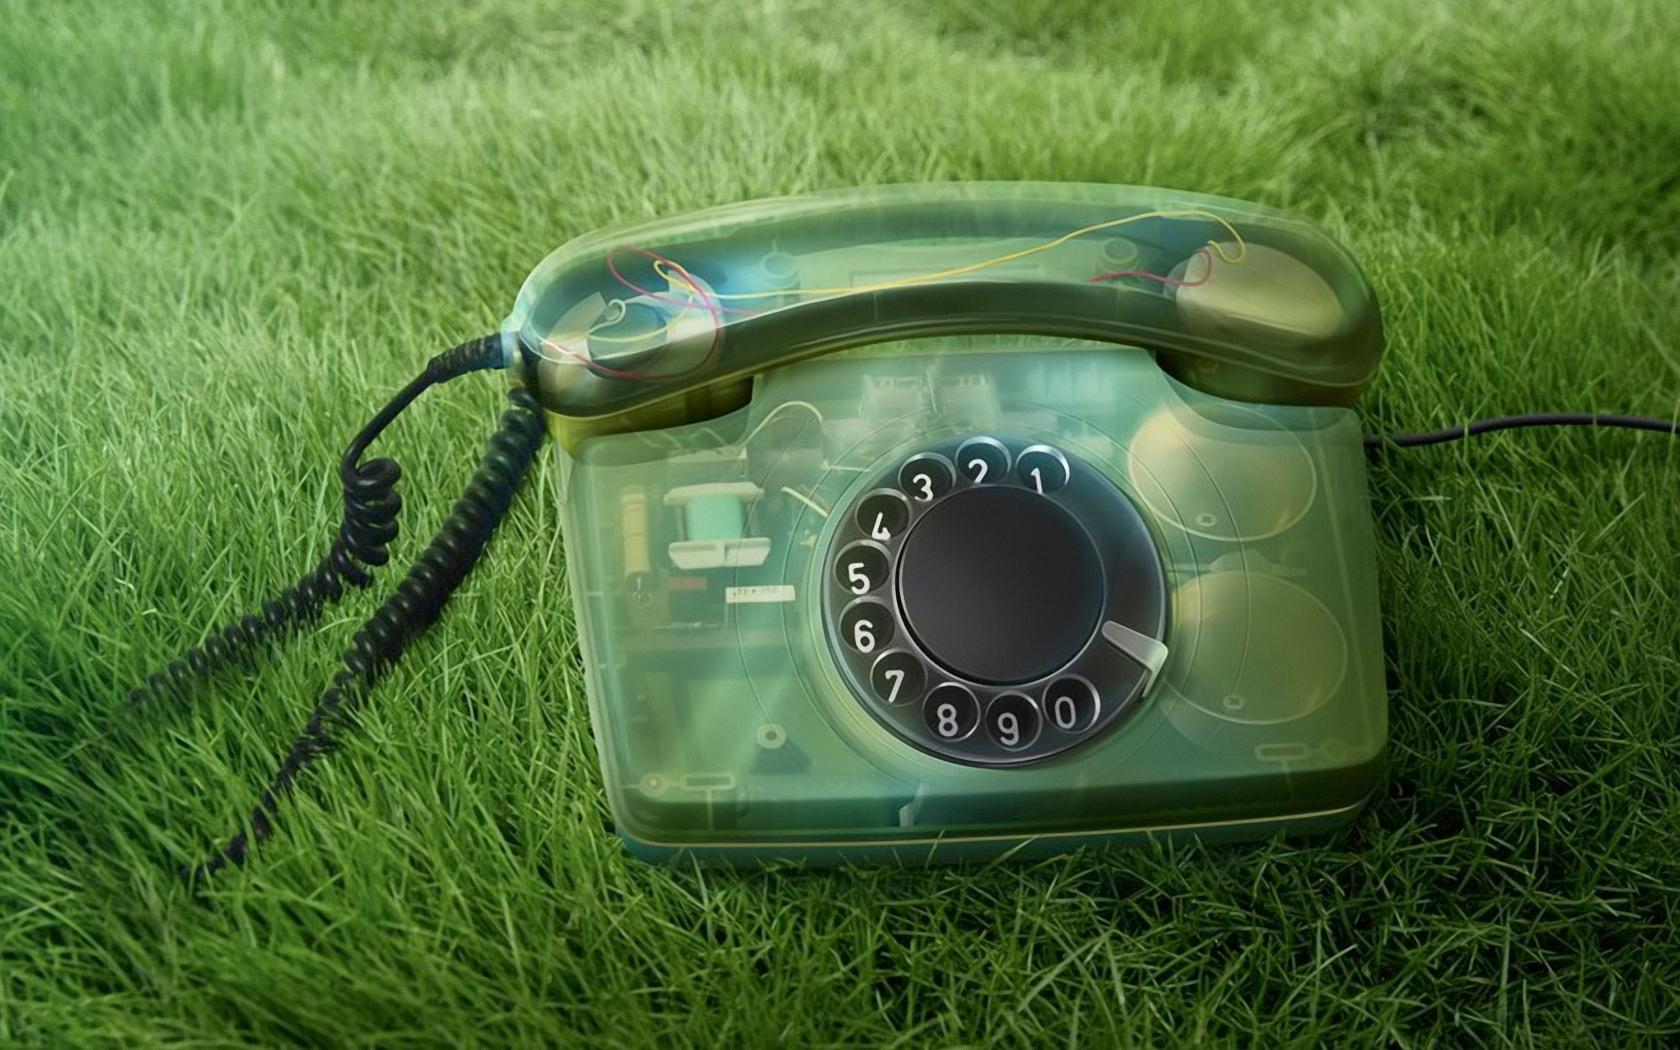 телефон на траве, фото, скачать, обои для рабочего стола